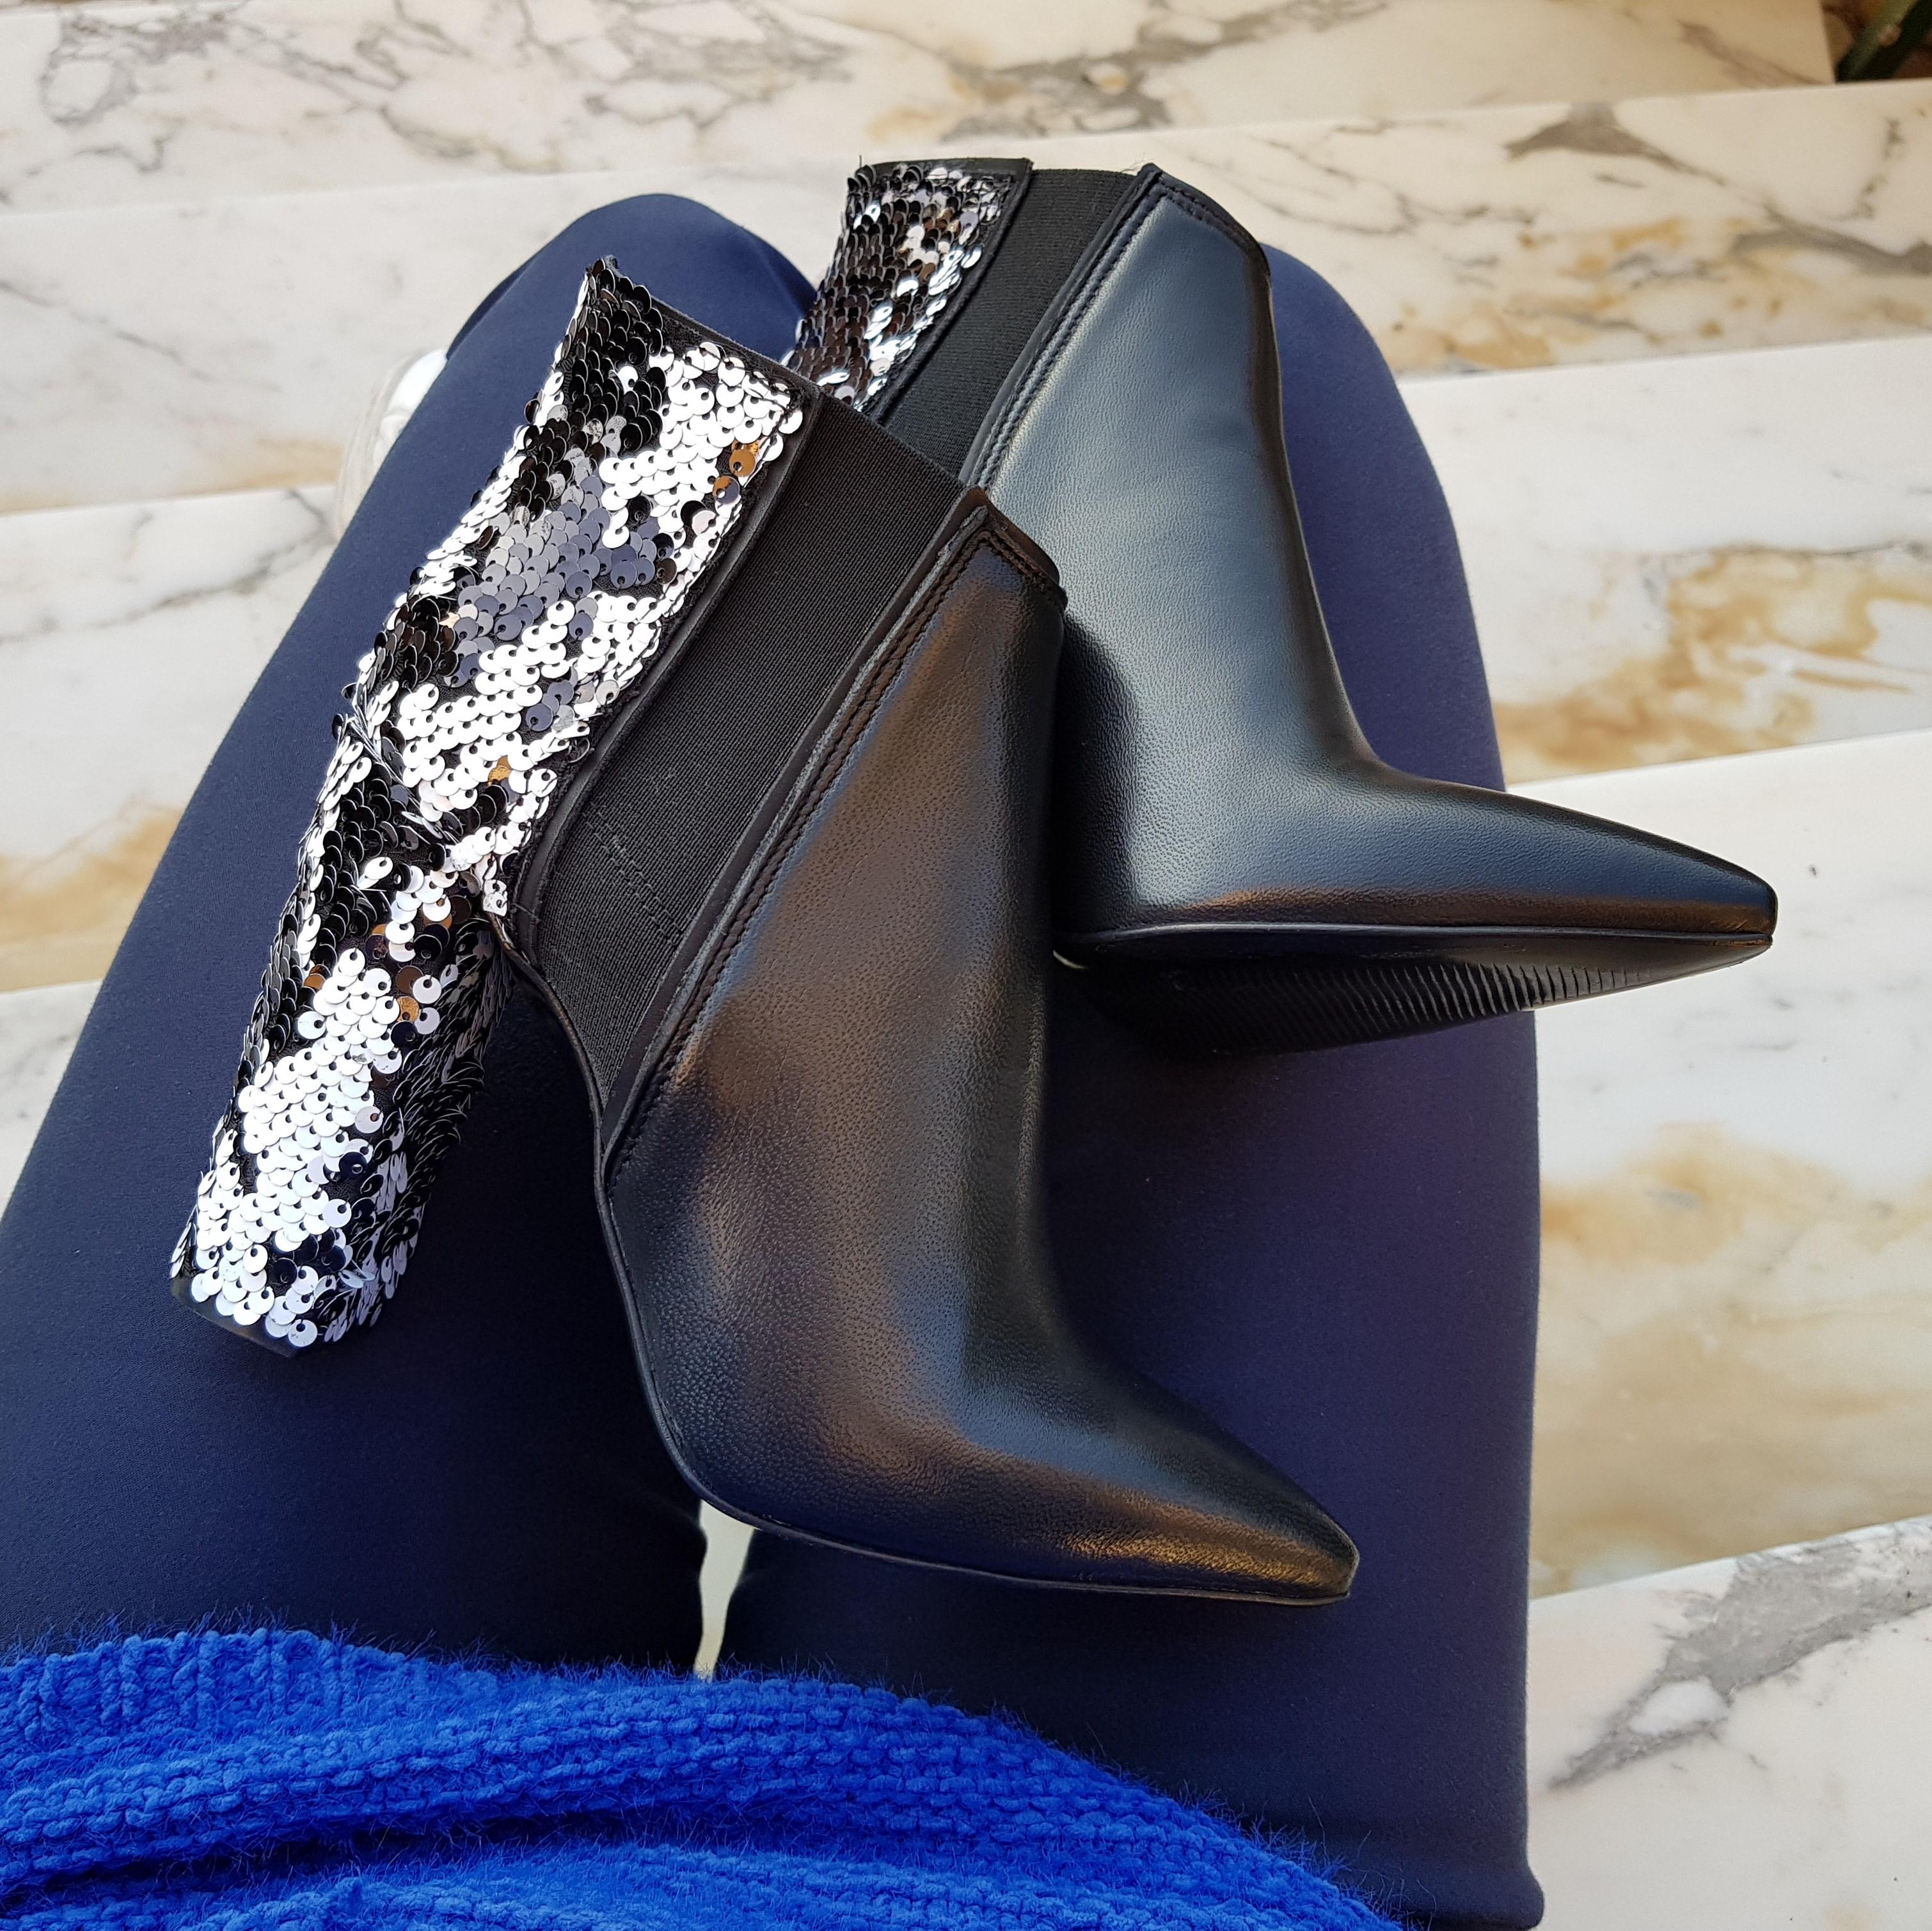 Tronchetti pelle nero e pailettes bianco nero sara 2 - Lia diva calzature ...